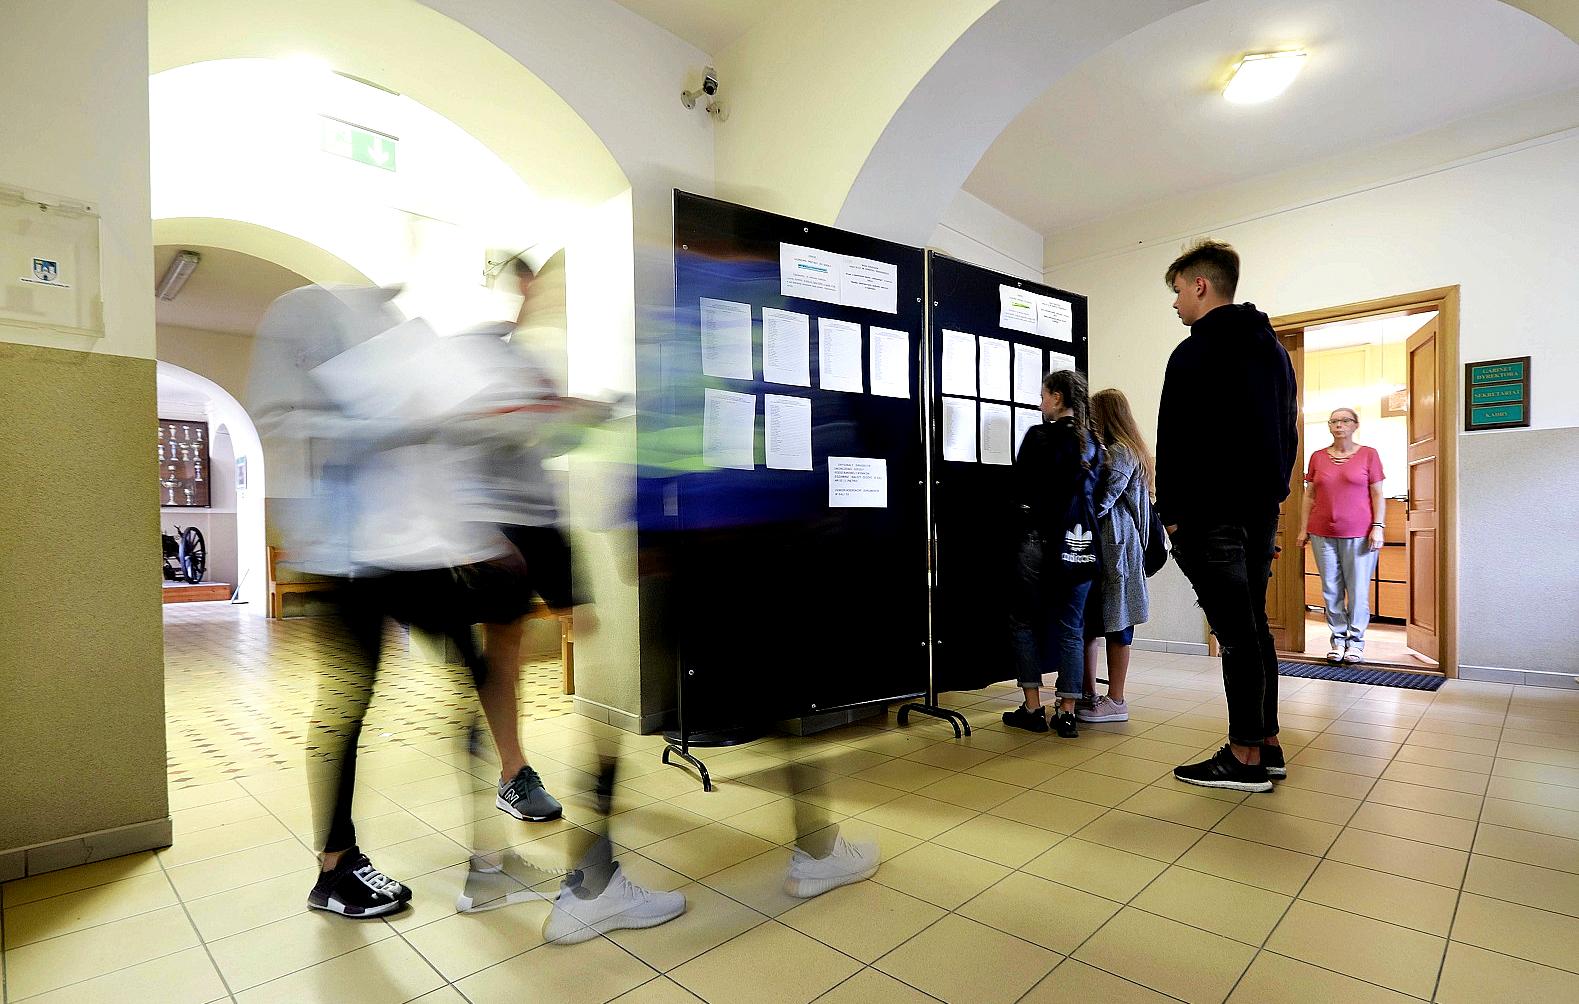 Nabór do szkół średnich? Wszystko stoi na głowie - Polityka.pl